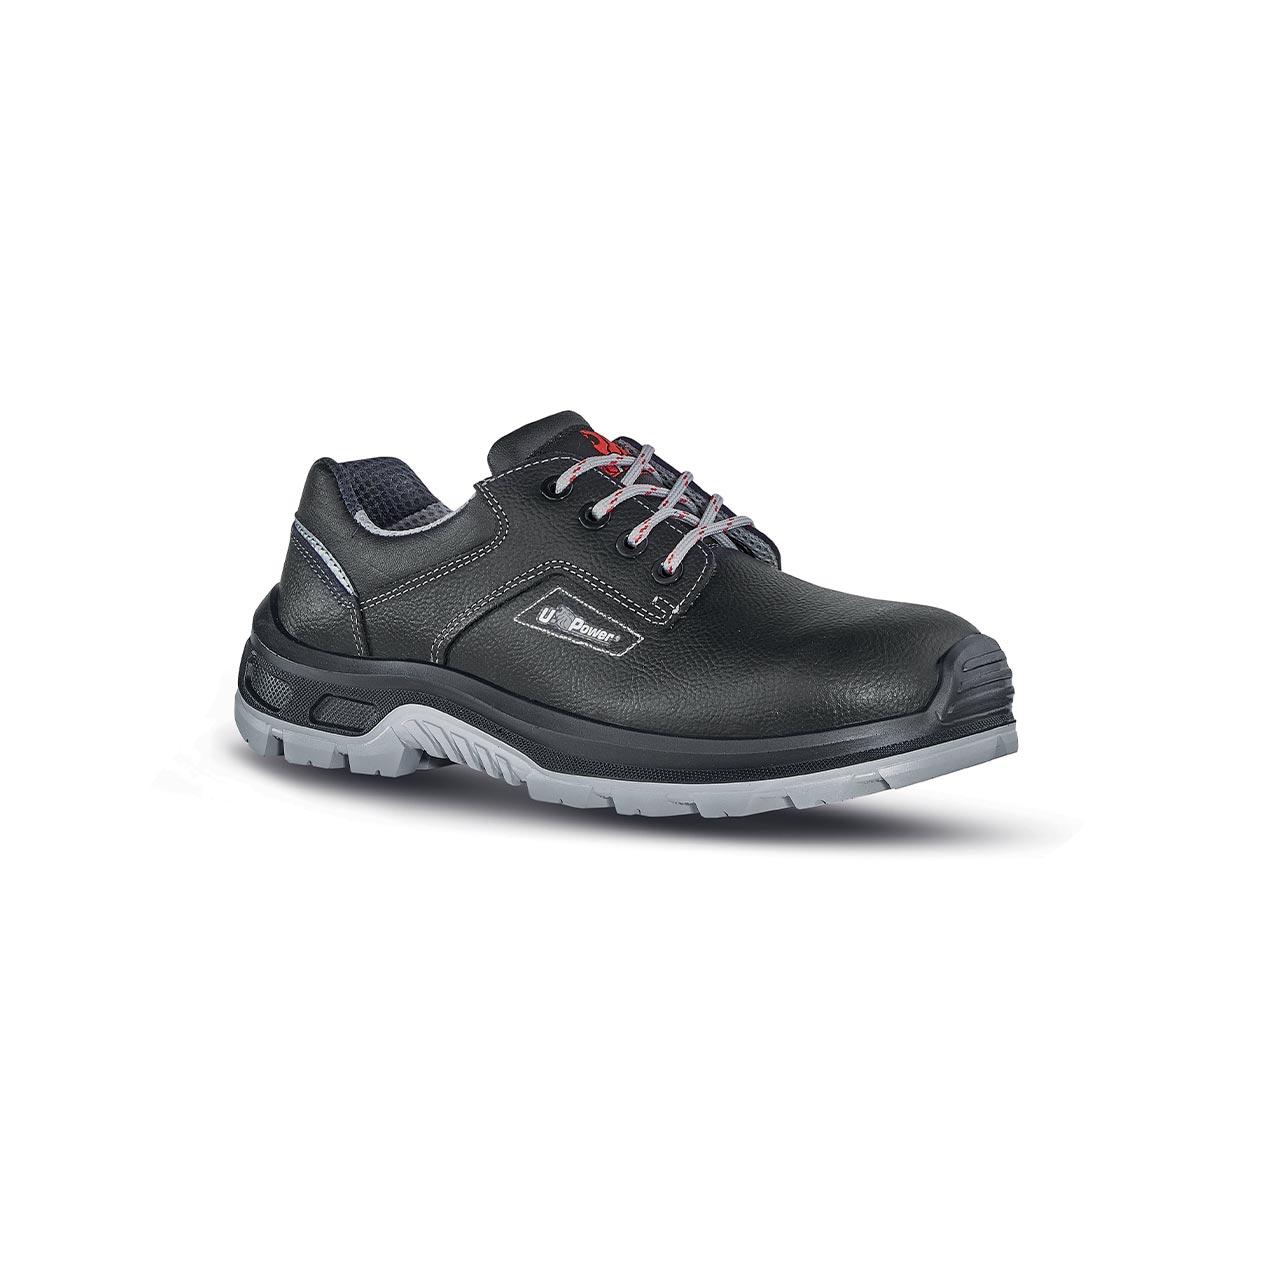 scarpa antinfortunistica upower modello elite linea conceptplus vista laterale